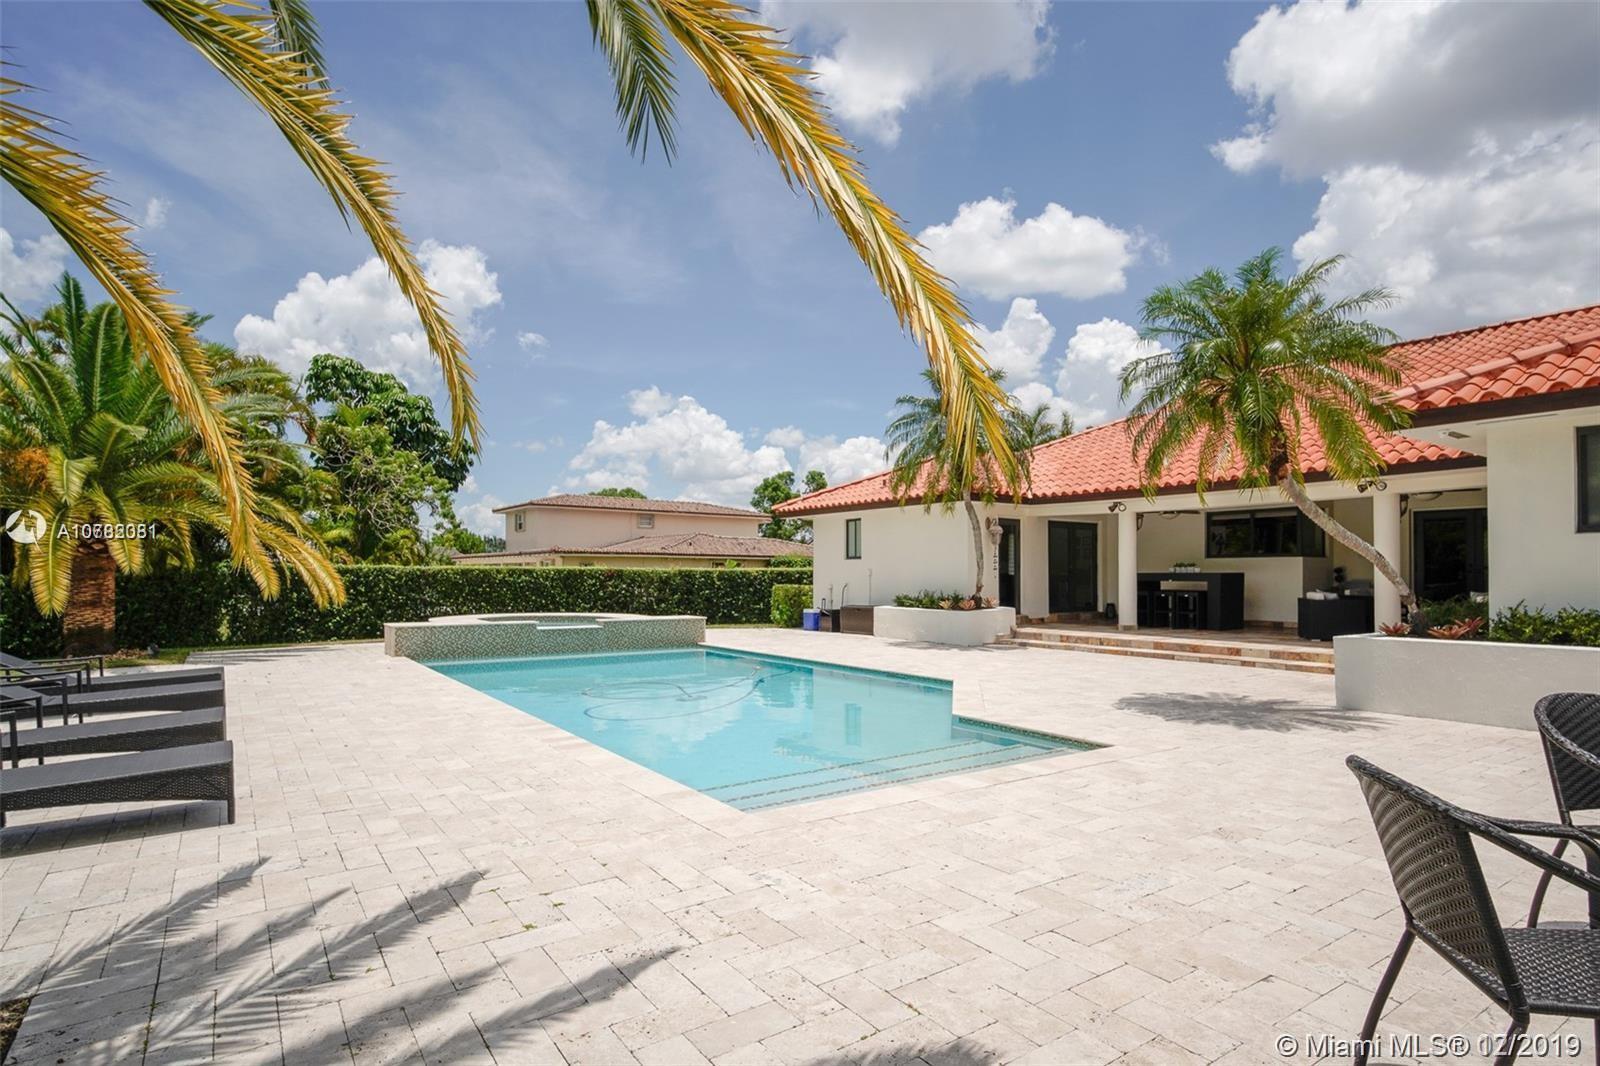 500 SW 125th Ave, Miami, FL 33184